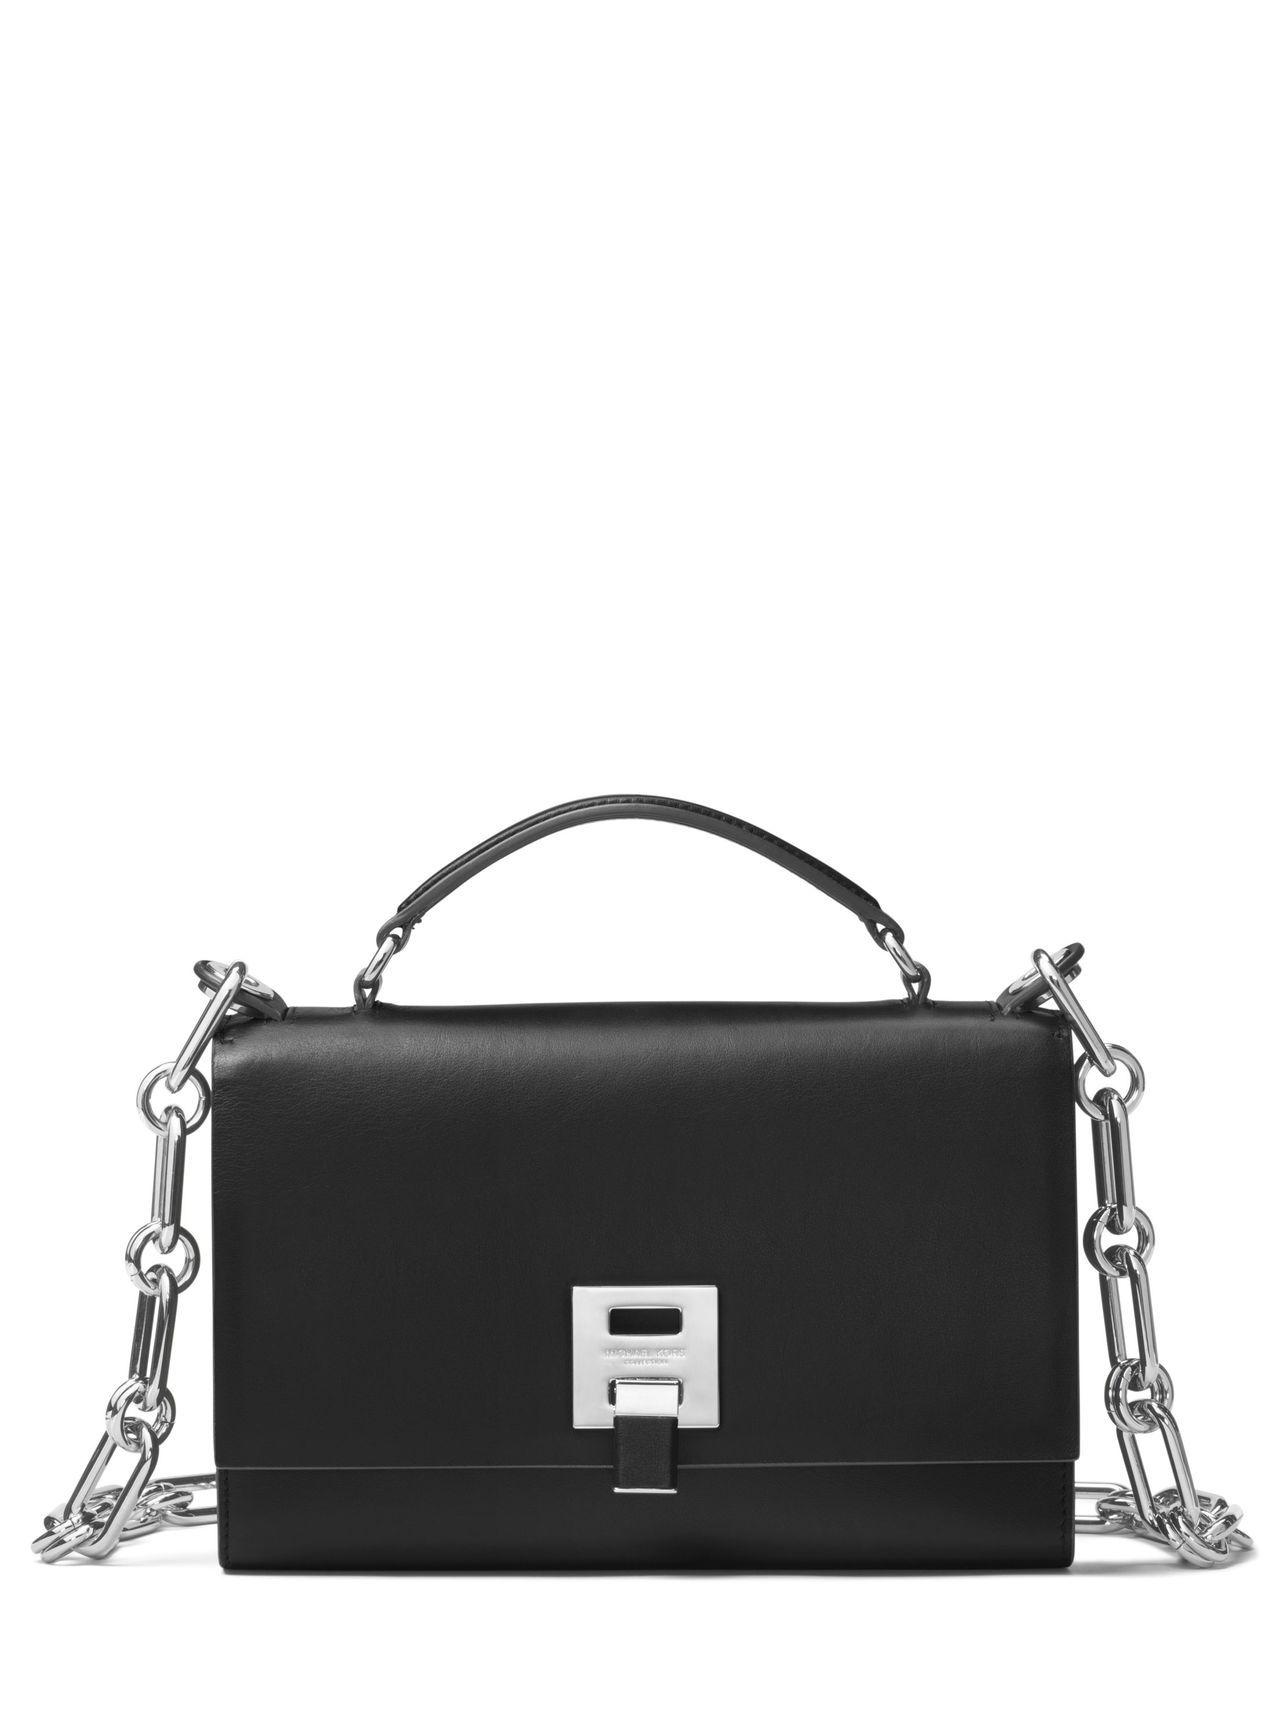 Bancroft黑色義大利牛皮鍊包,售價34,800元。圖/MICHAEL KO...